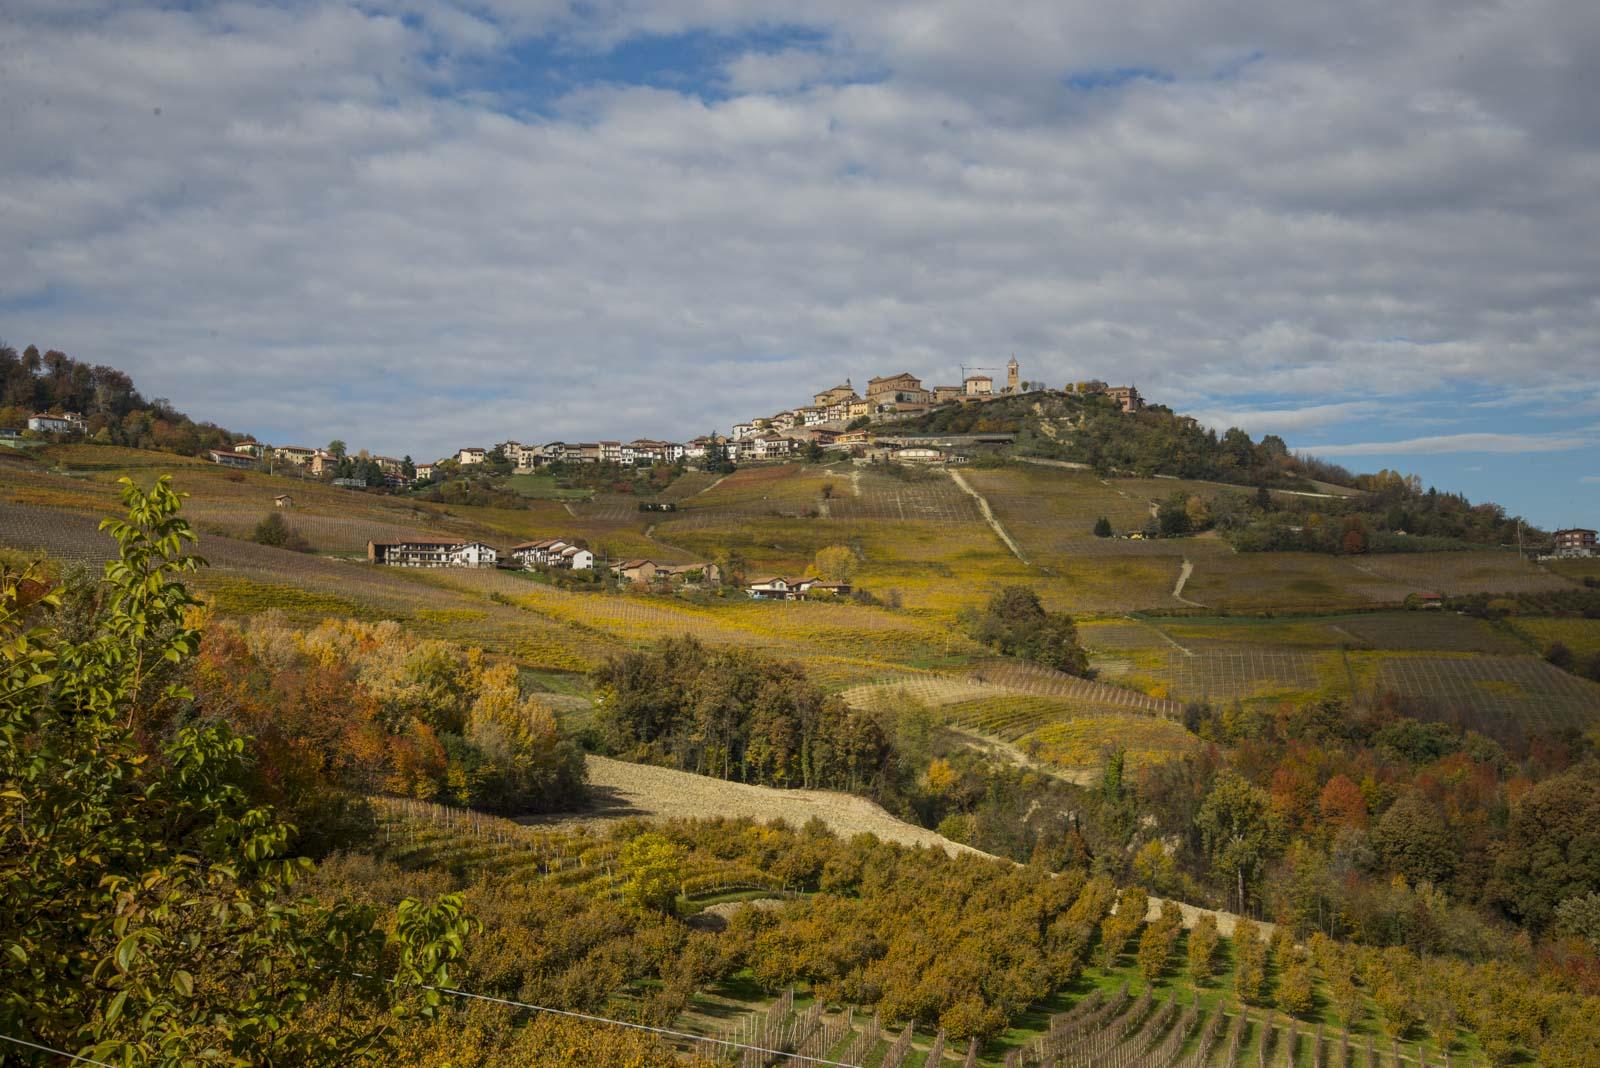 La Morra ligger nydelig til oppe på en høyde med utsikt over hele Barolo-området